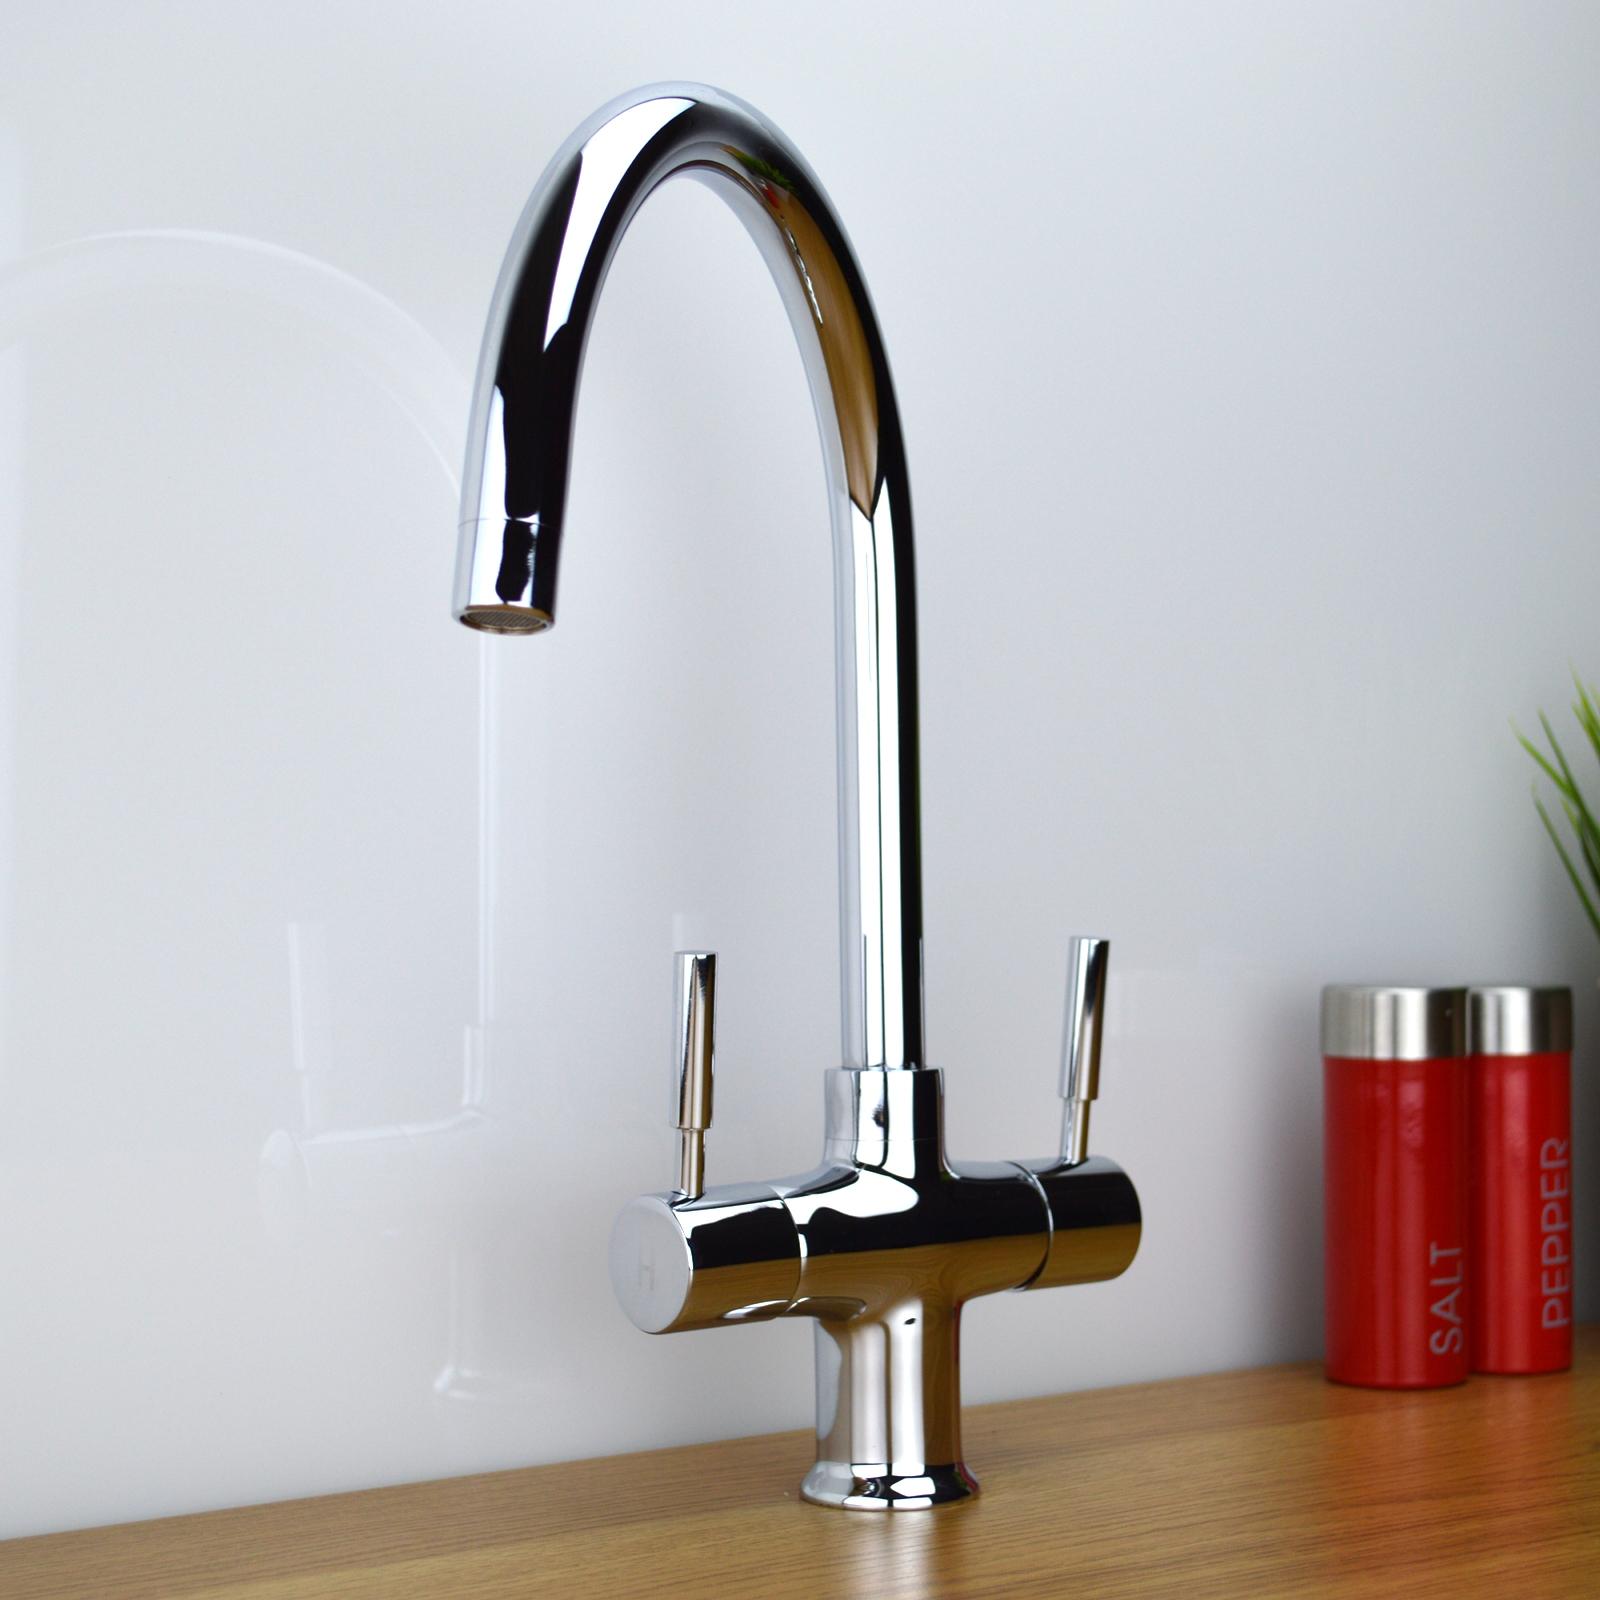 Enki chrome kitchen sink mixer tap traditional black white brushed enki chrome kitchen sink mixer tap traditional black workwithnaturefo